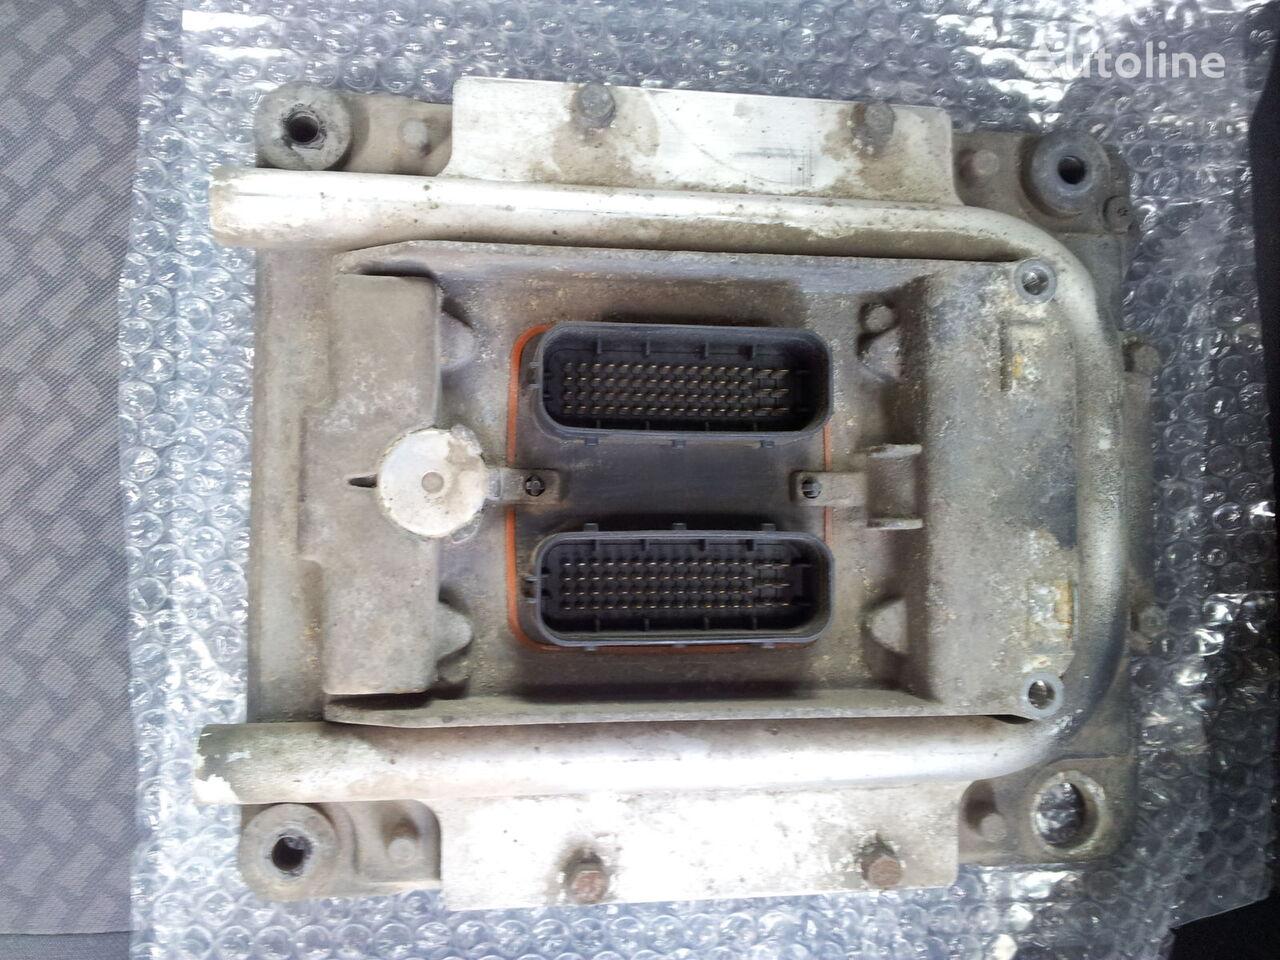 Renault ECU control unit, engine control unit, 20814604 P01 boîte de commande pour RENAULT Premium DXI tracteur routier